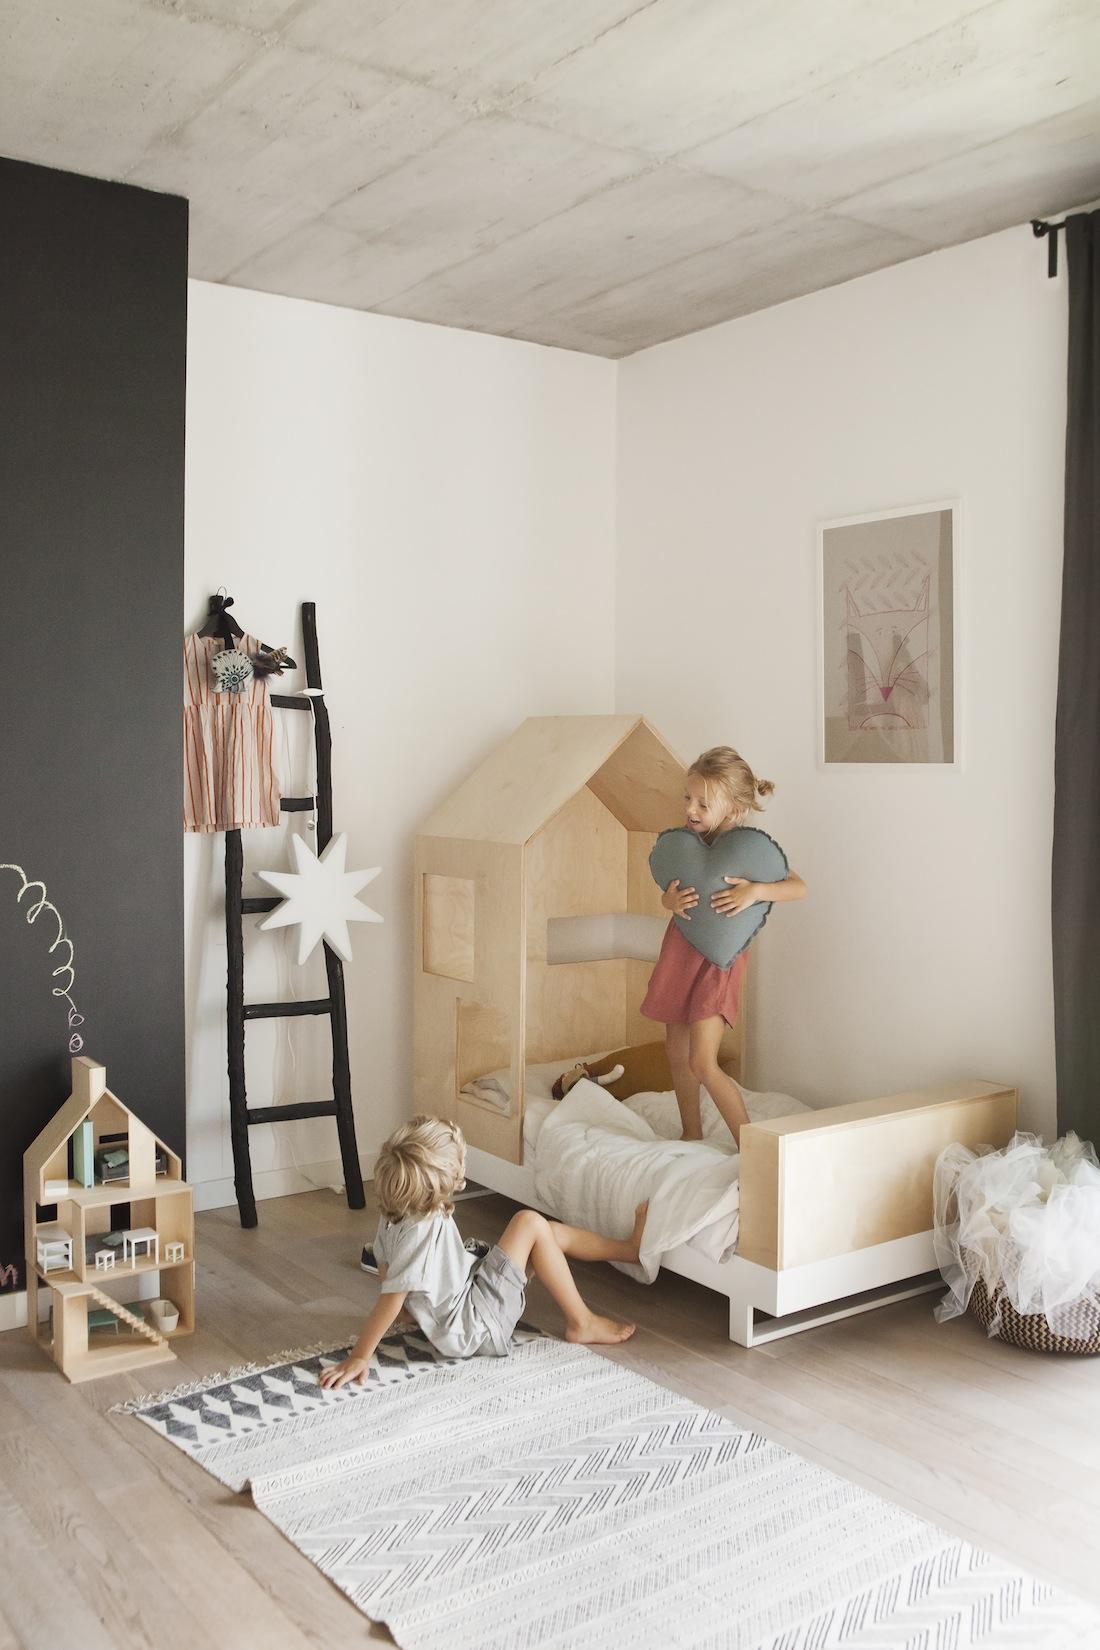 mobilier-ecologique-et-creatif-dans-une-chambre-enfant-minimaliste-lit-toit-en-bois-echelle-tapis-azteque